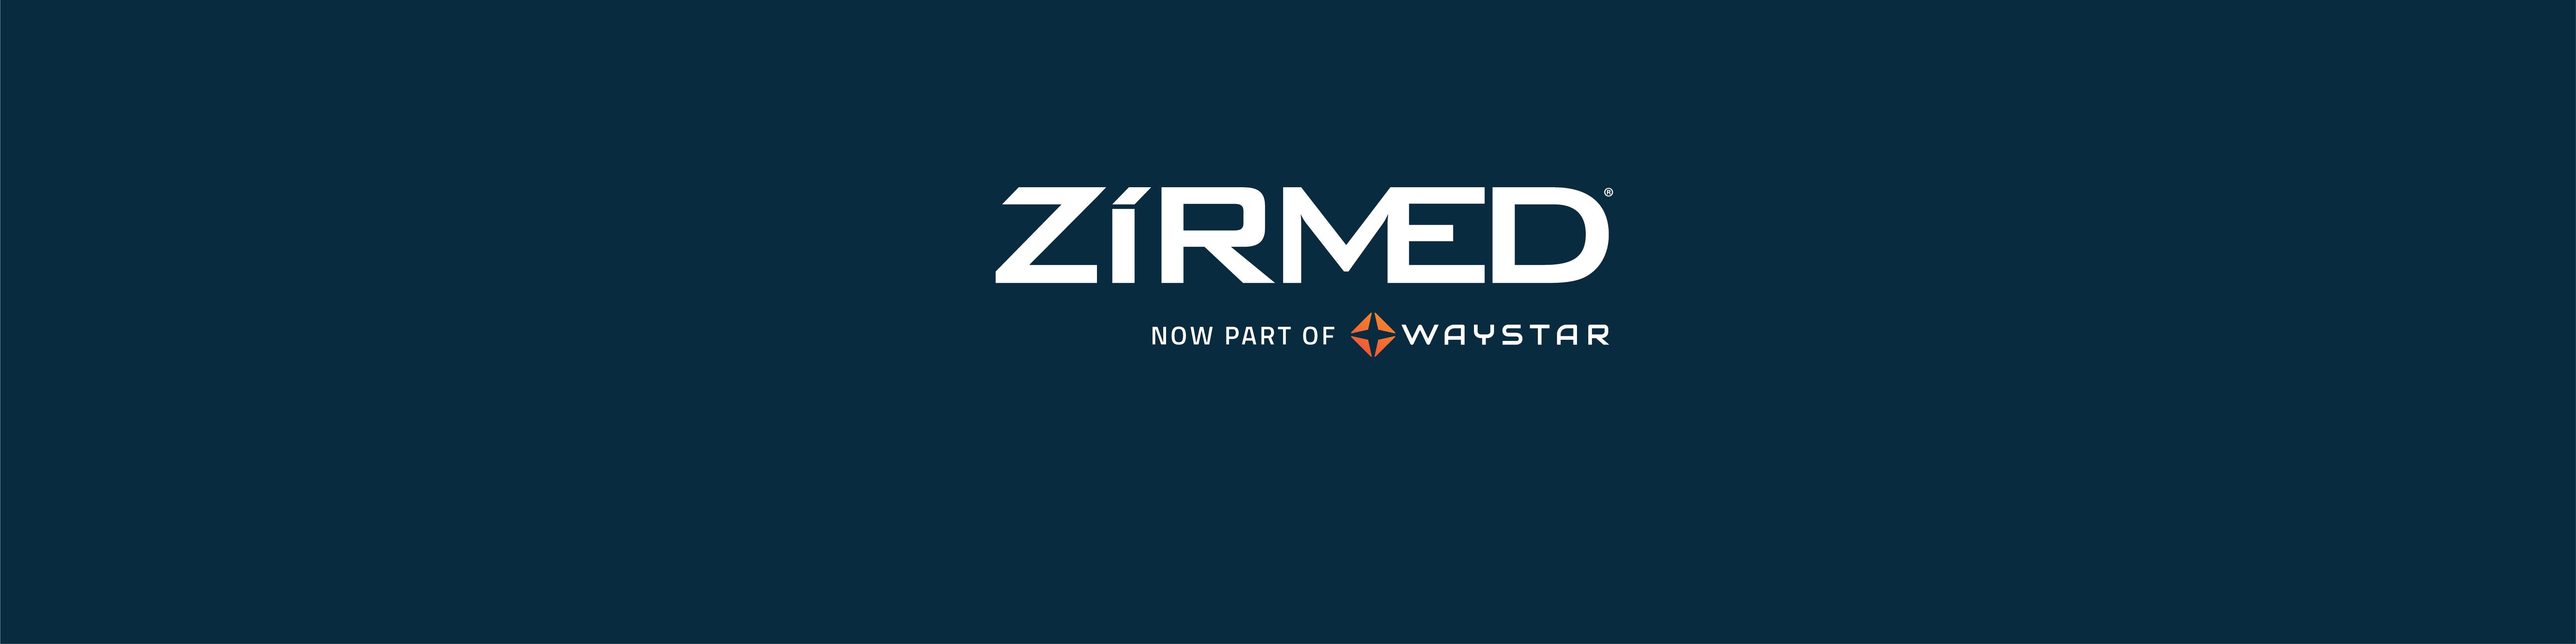 ZirMed, now part of Waystar | LinkedIn